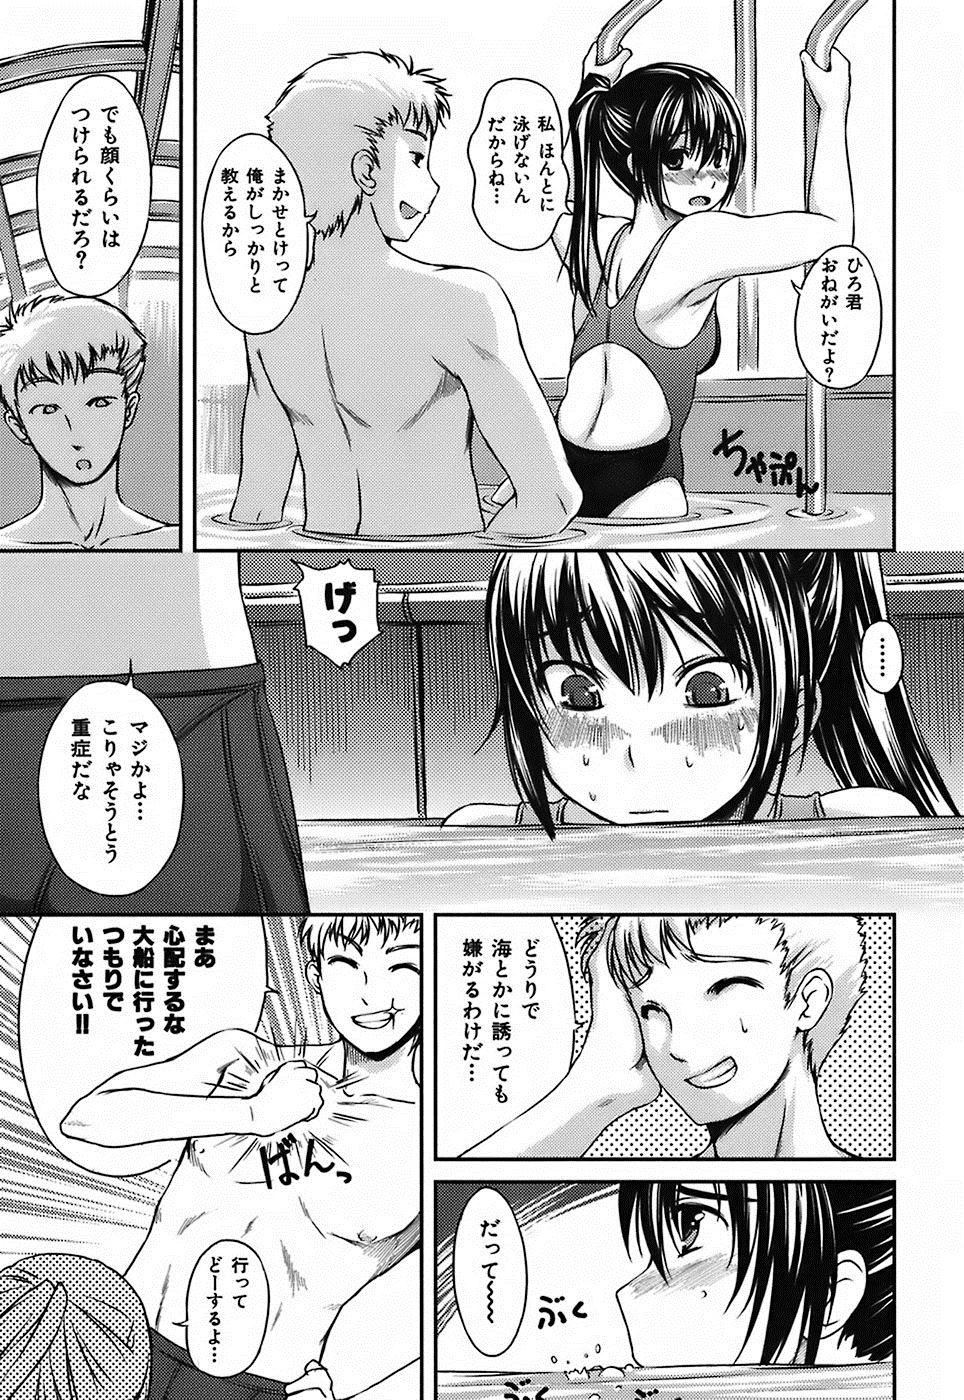 【エロ漫画】競泳水着を着たままセックスすることにハマってしまった変態カップルwww